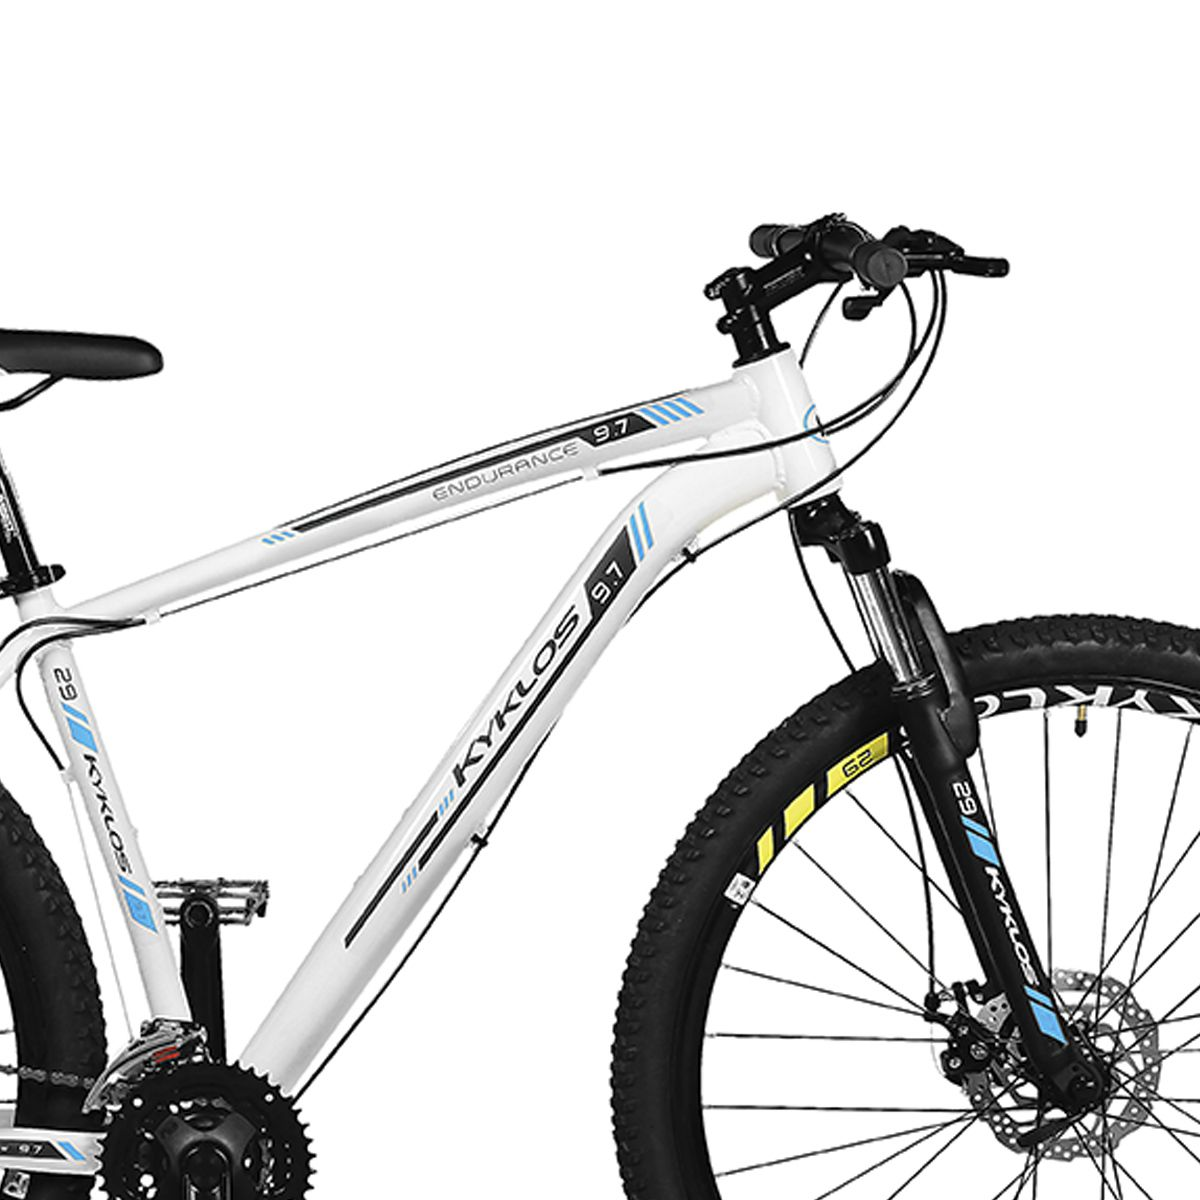 Bicicleta Kyklos Aro 29 Endurance 9.7 24V Freio a Disco com Suspensão A-36 Branco/Azul